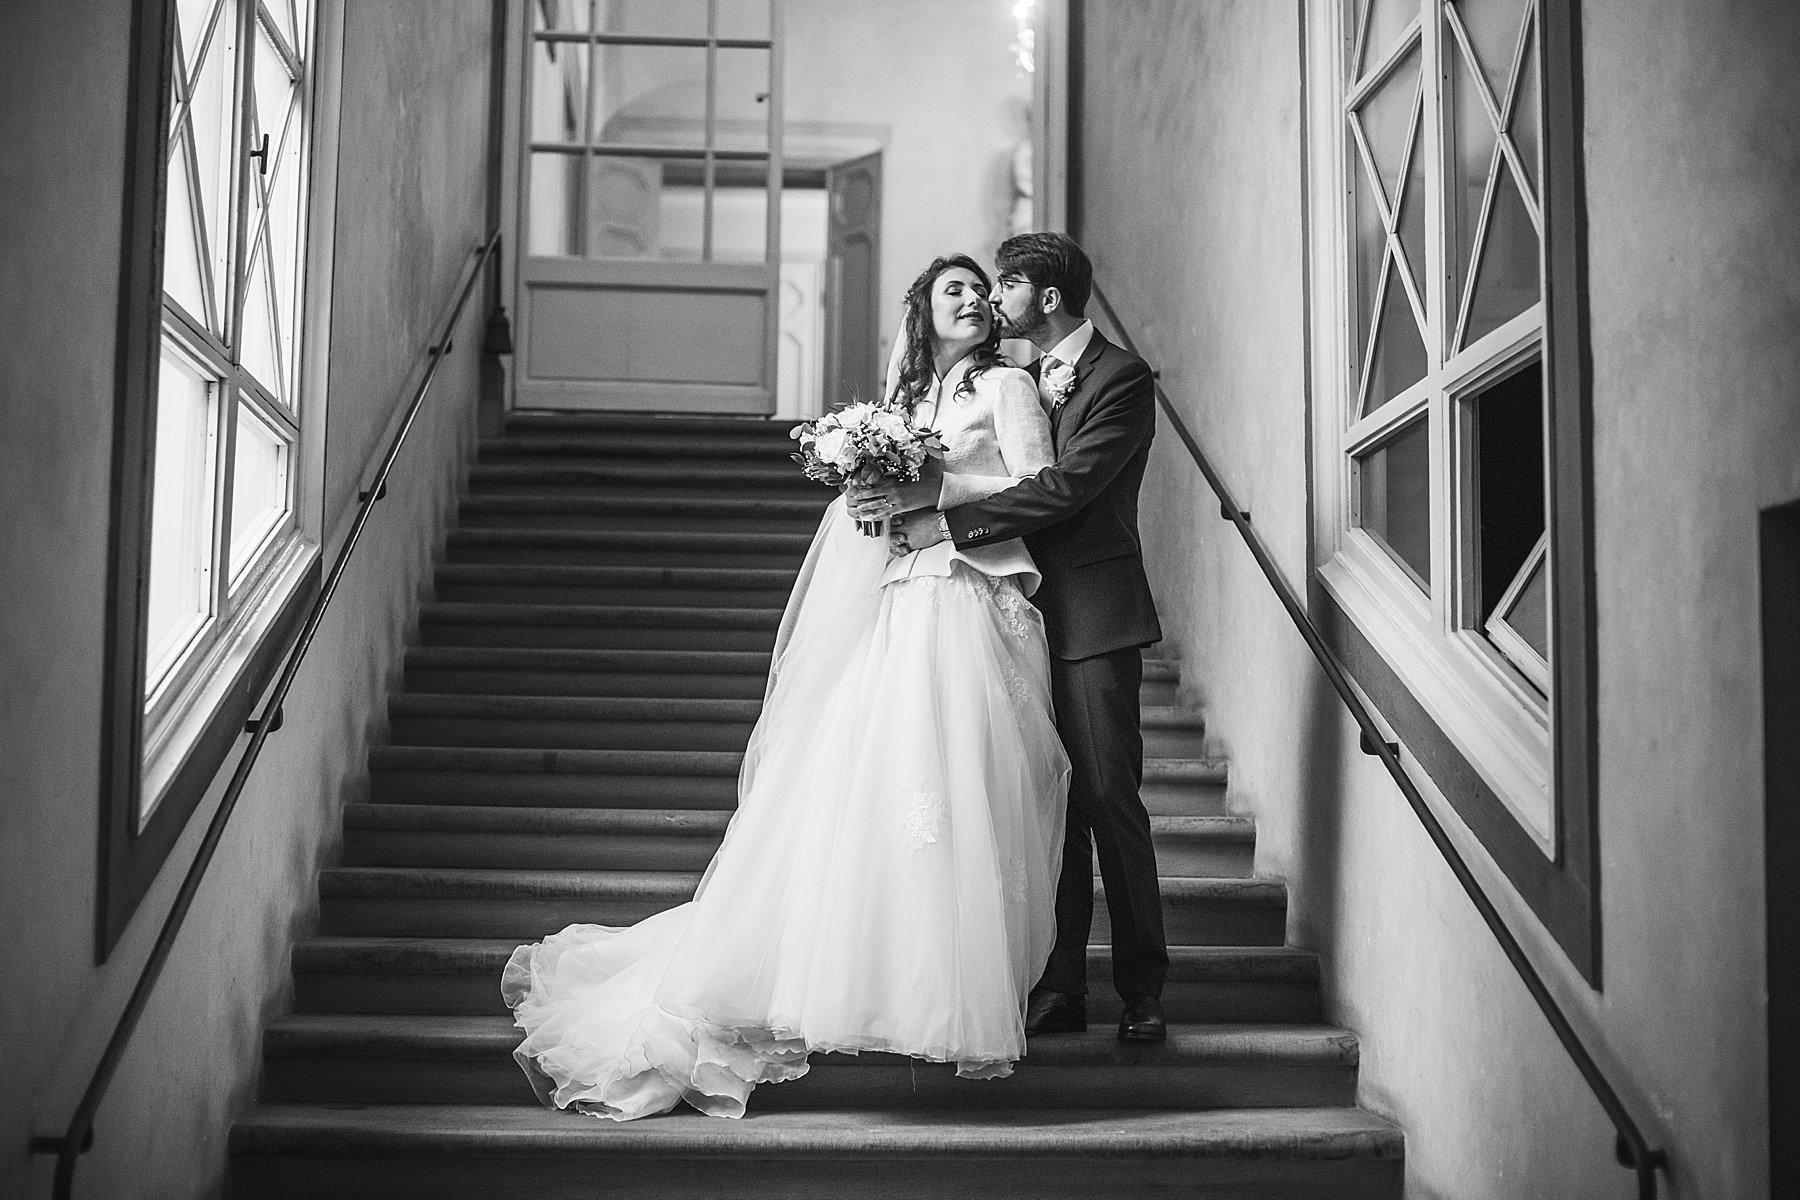 fotografia di matrimonio a firenze in inverno 754